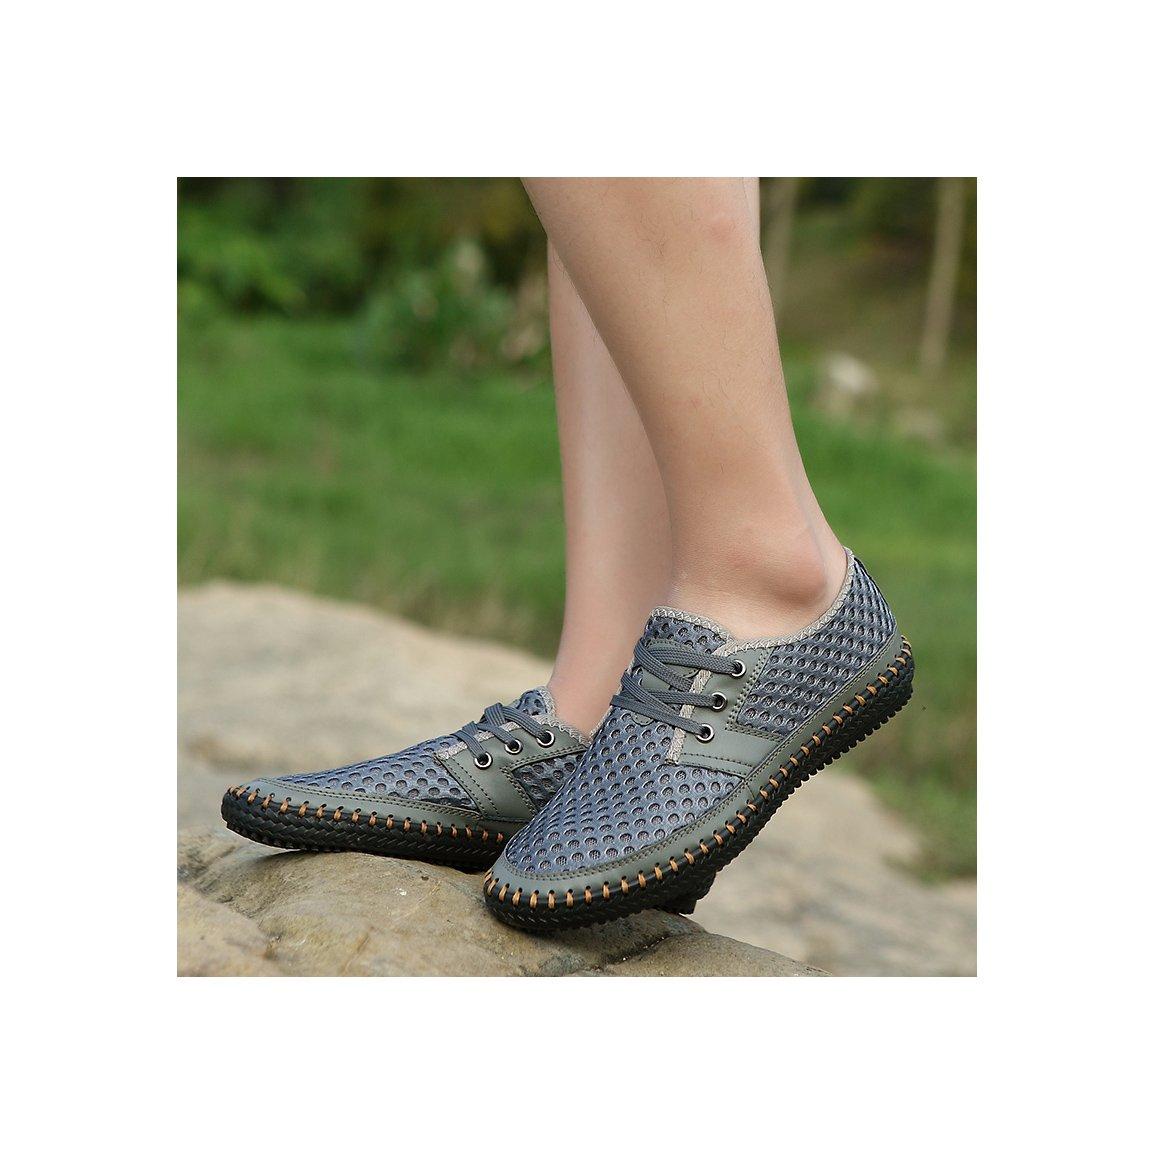 MOHEM Men's Poseidon Casual Water Shoes Mesh Walking Quick Drying Hiking Shoes(3166Gray41)